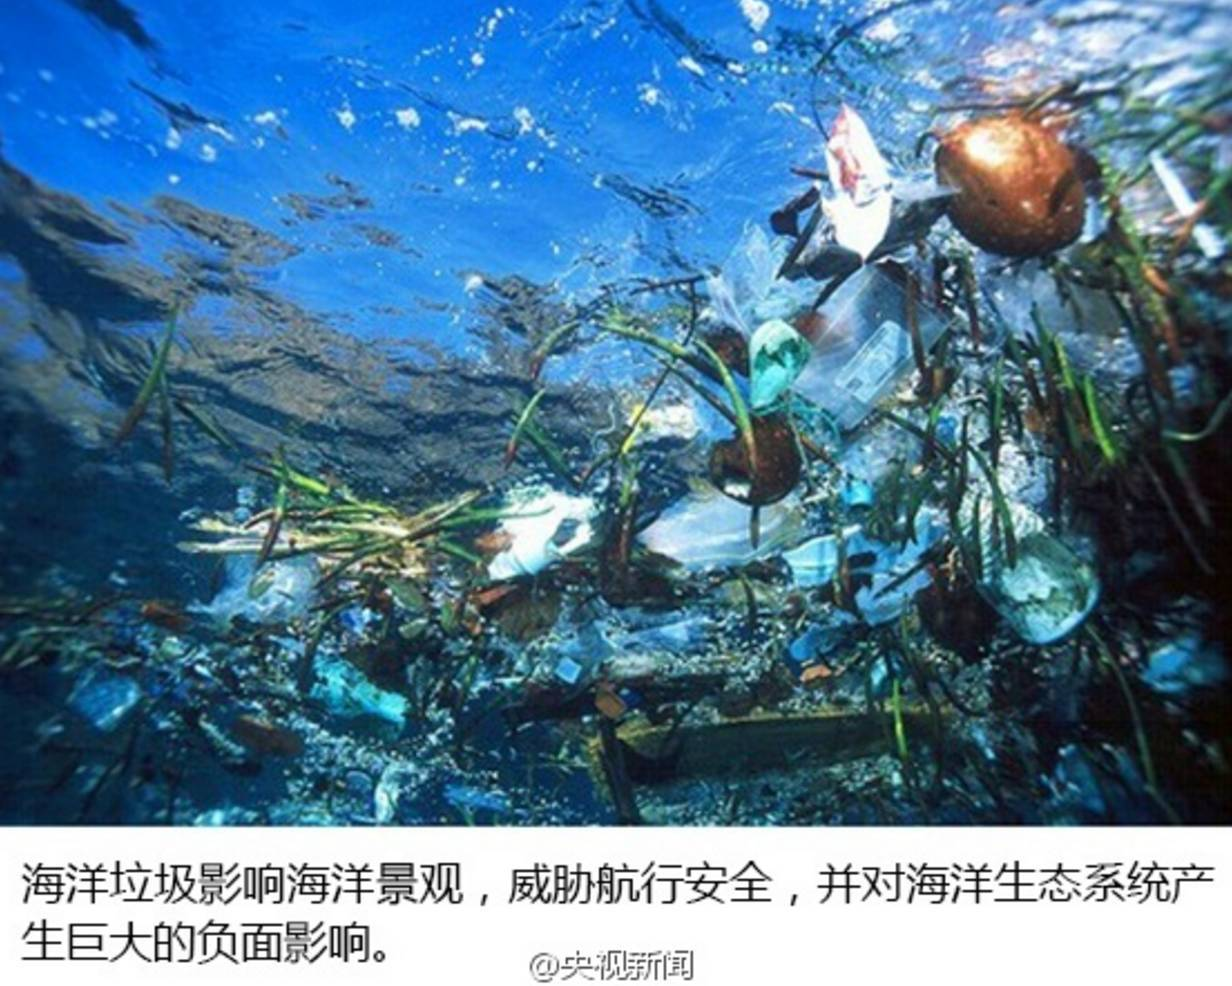 全球海洋垃圾污染研究报告就相关政府,及居民治理海洋垃圾污染提出了